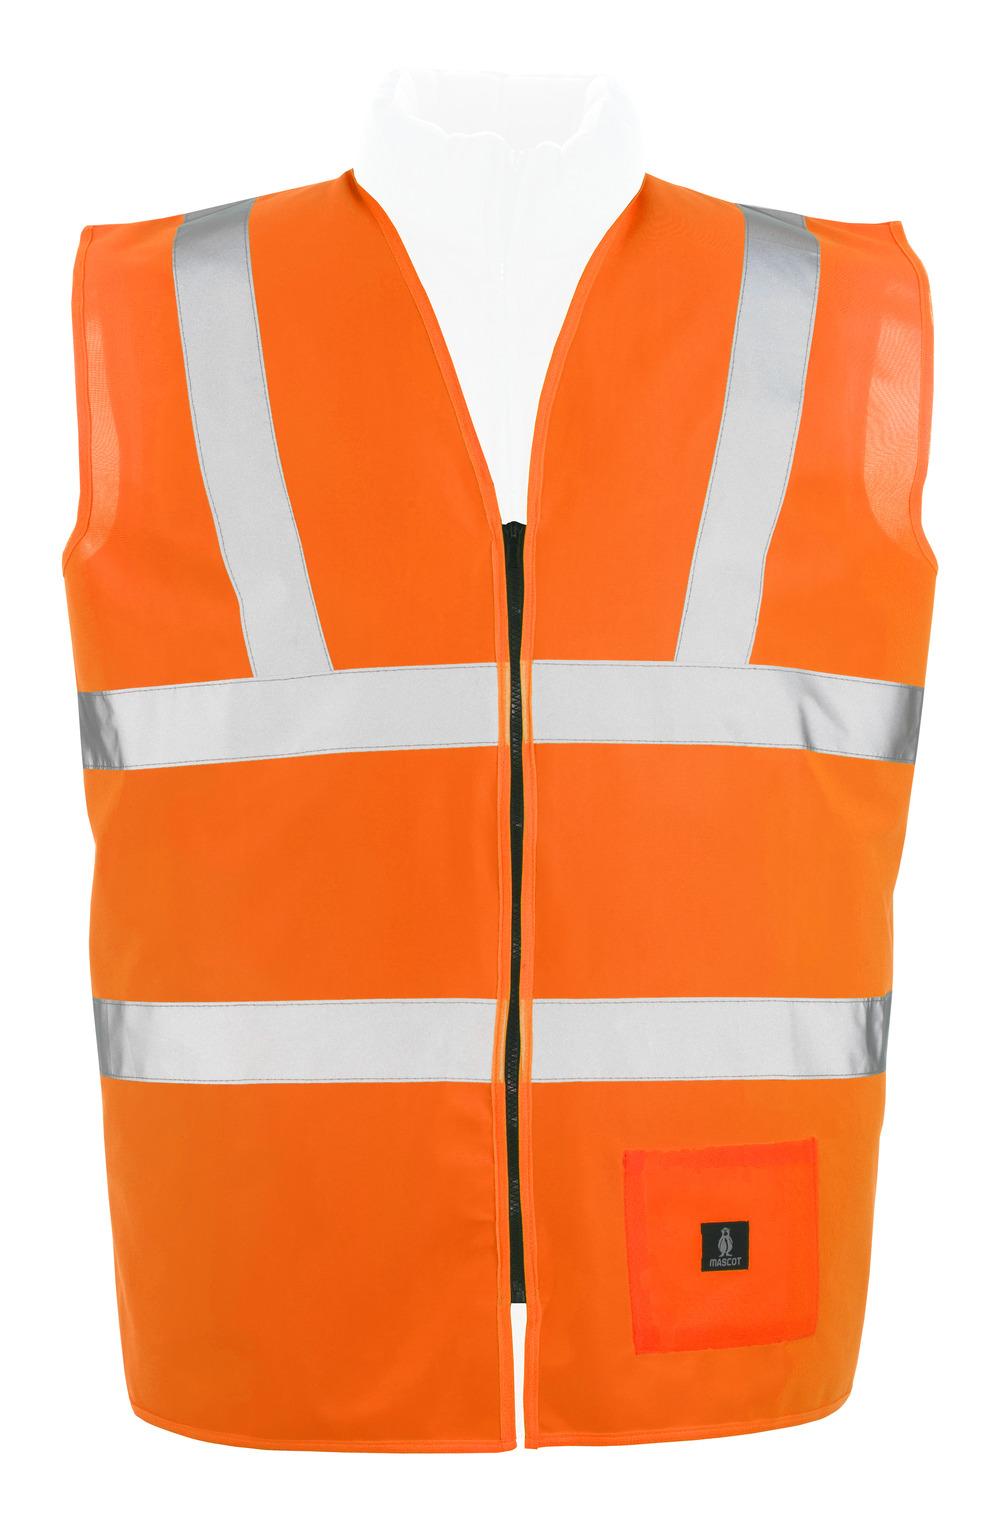 50107-310-14 Gilet de circulation - Hi-vis orange